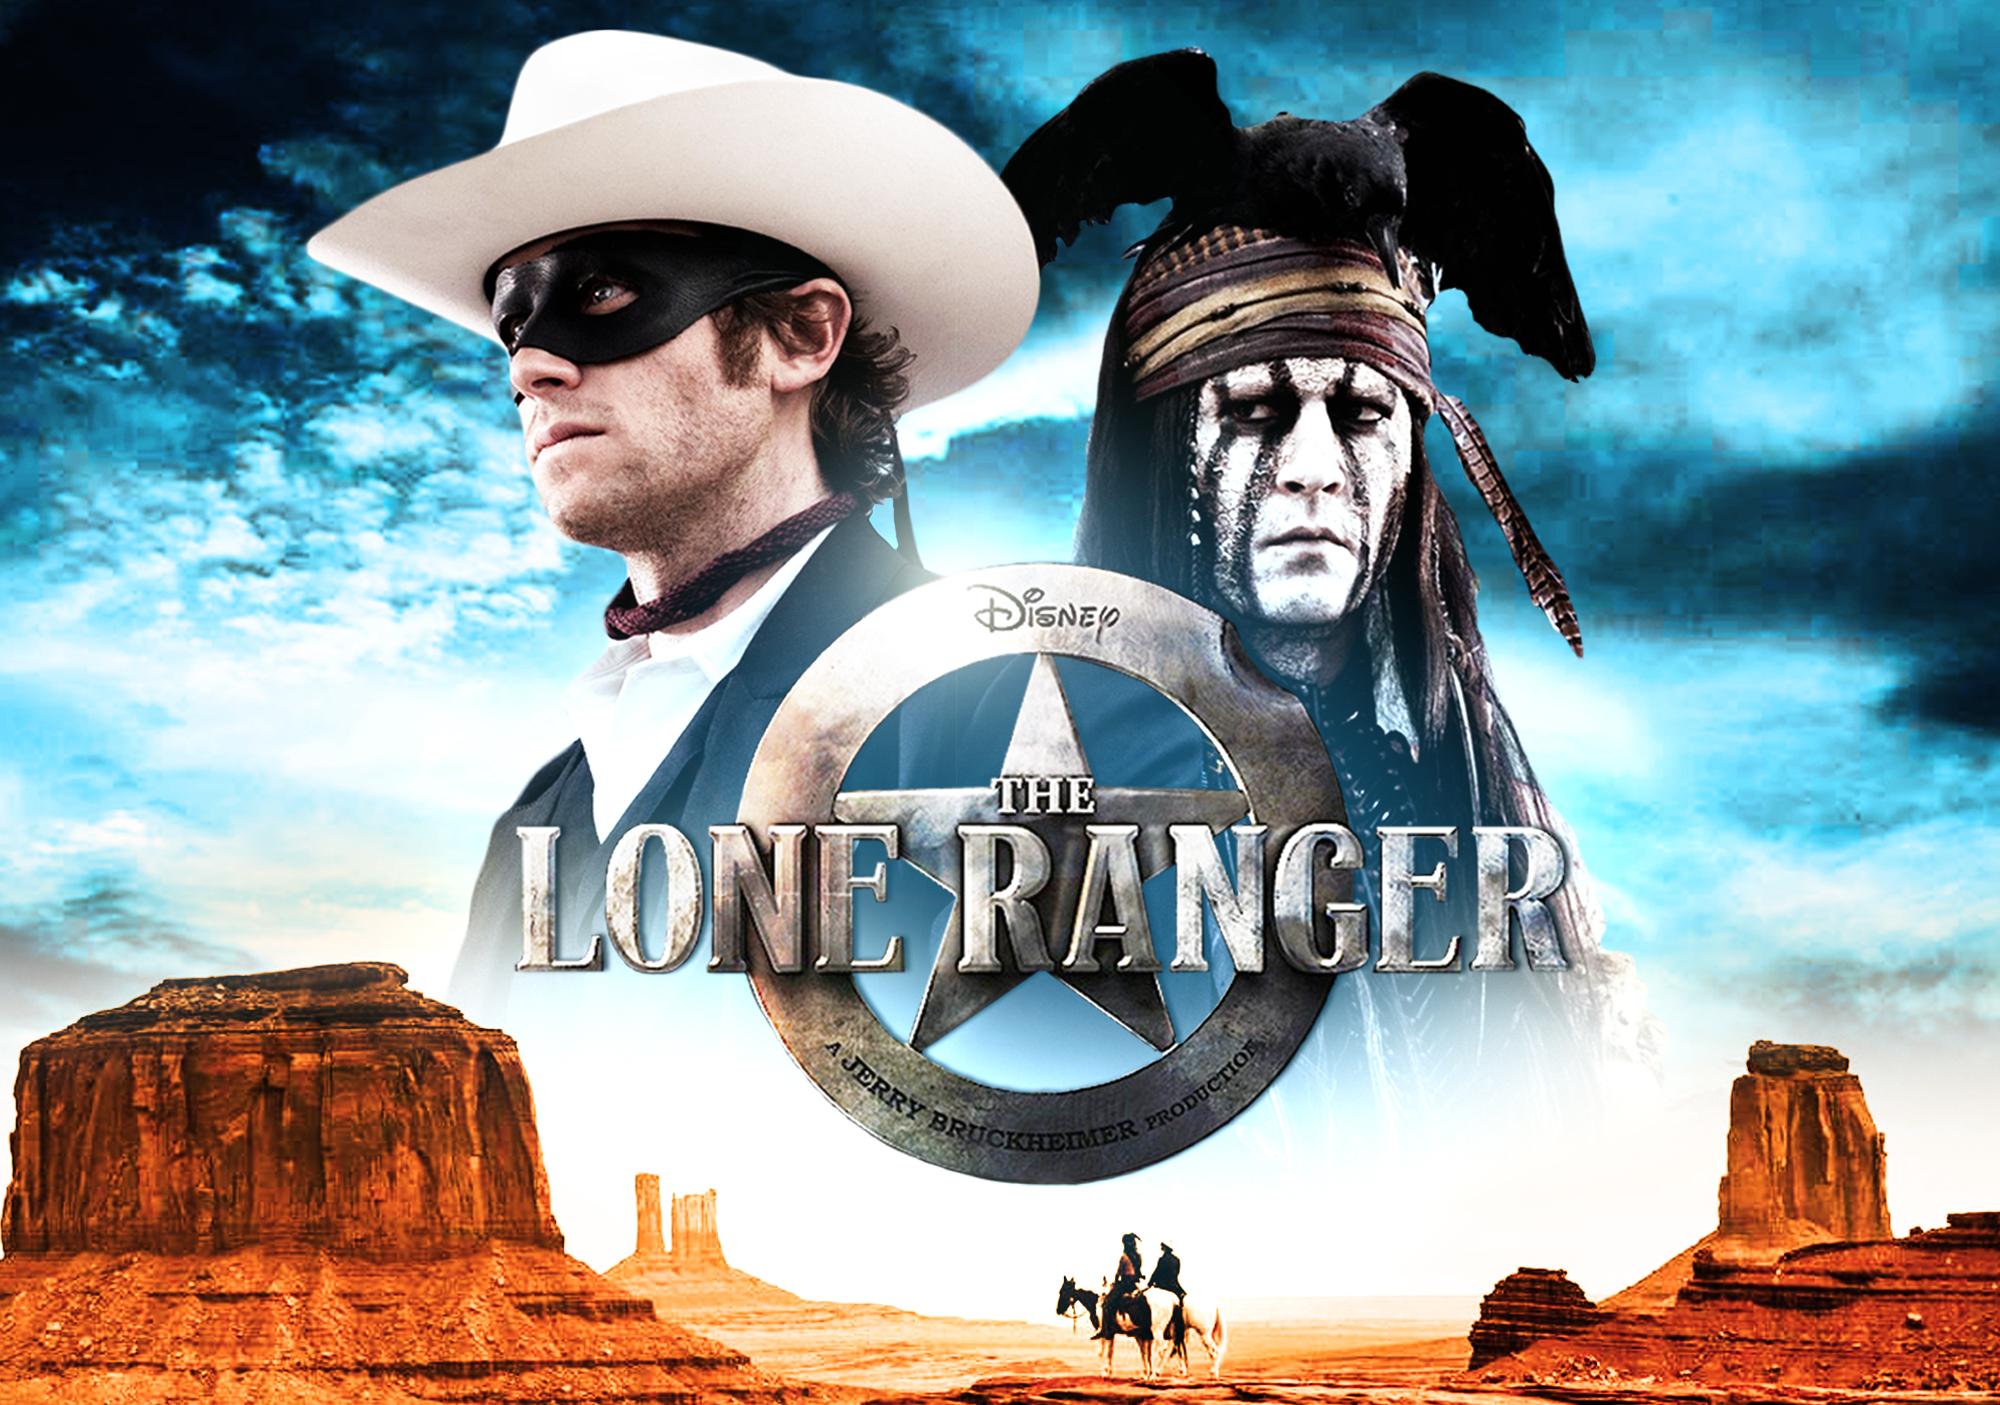 The-Lone-Ranger-2013-the-lone-ranger-32352271-2000-1405.jpg